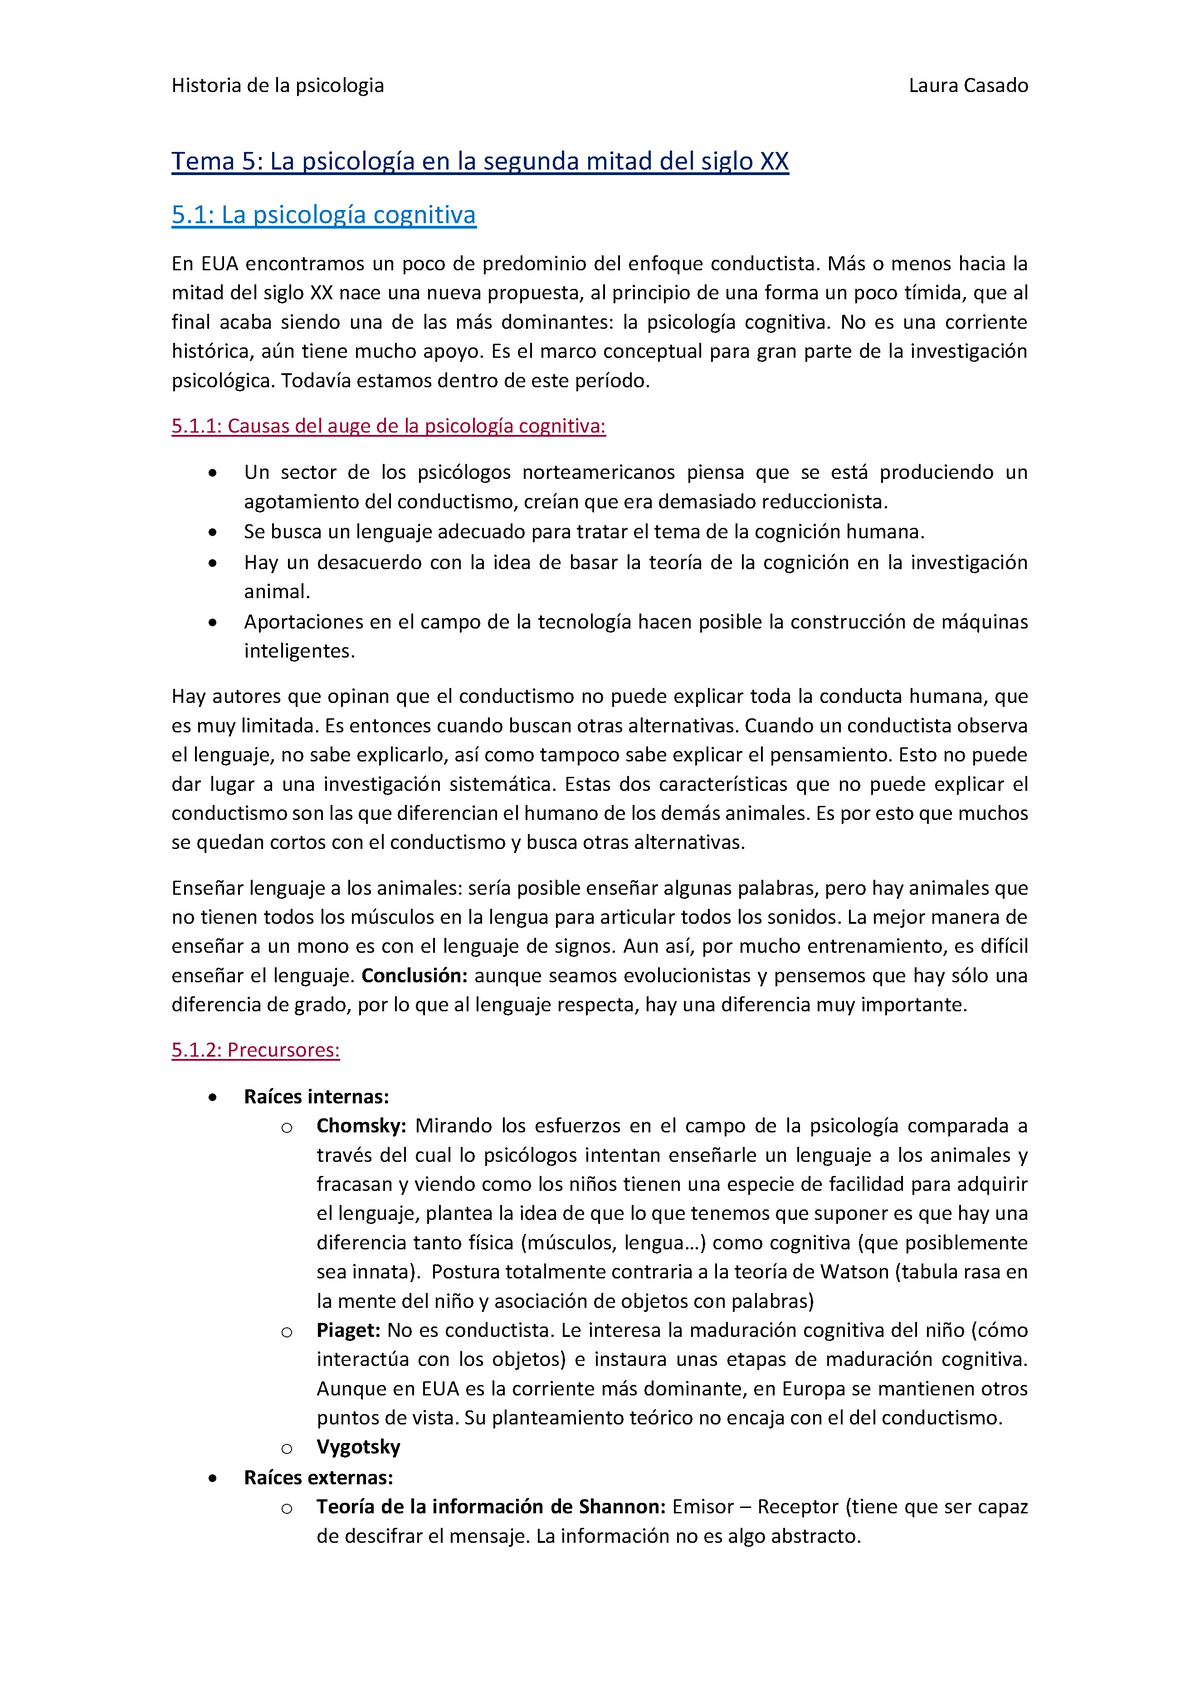 cf2c28be42 Tema 5La psicología en la segunda mitad del siglo XX (COMPLETO) - Historia  de la Psicología - StuDocu